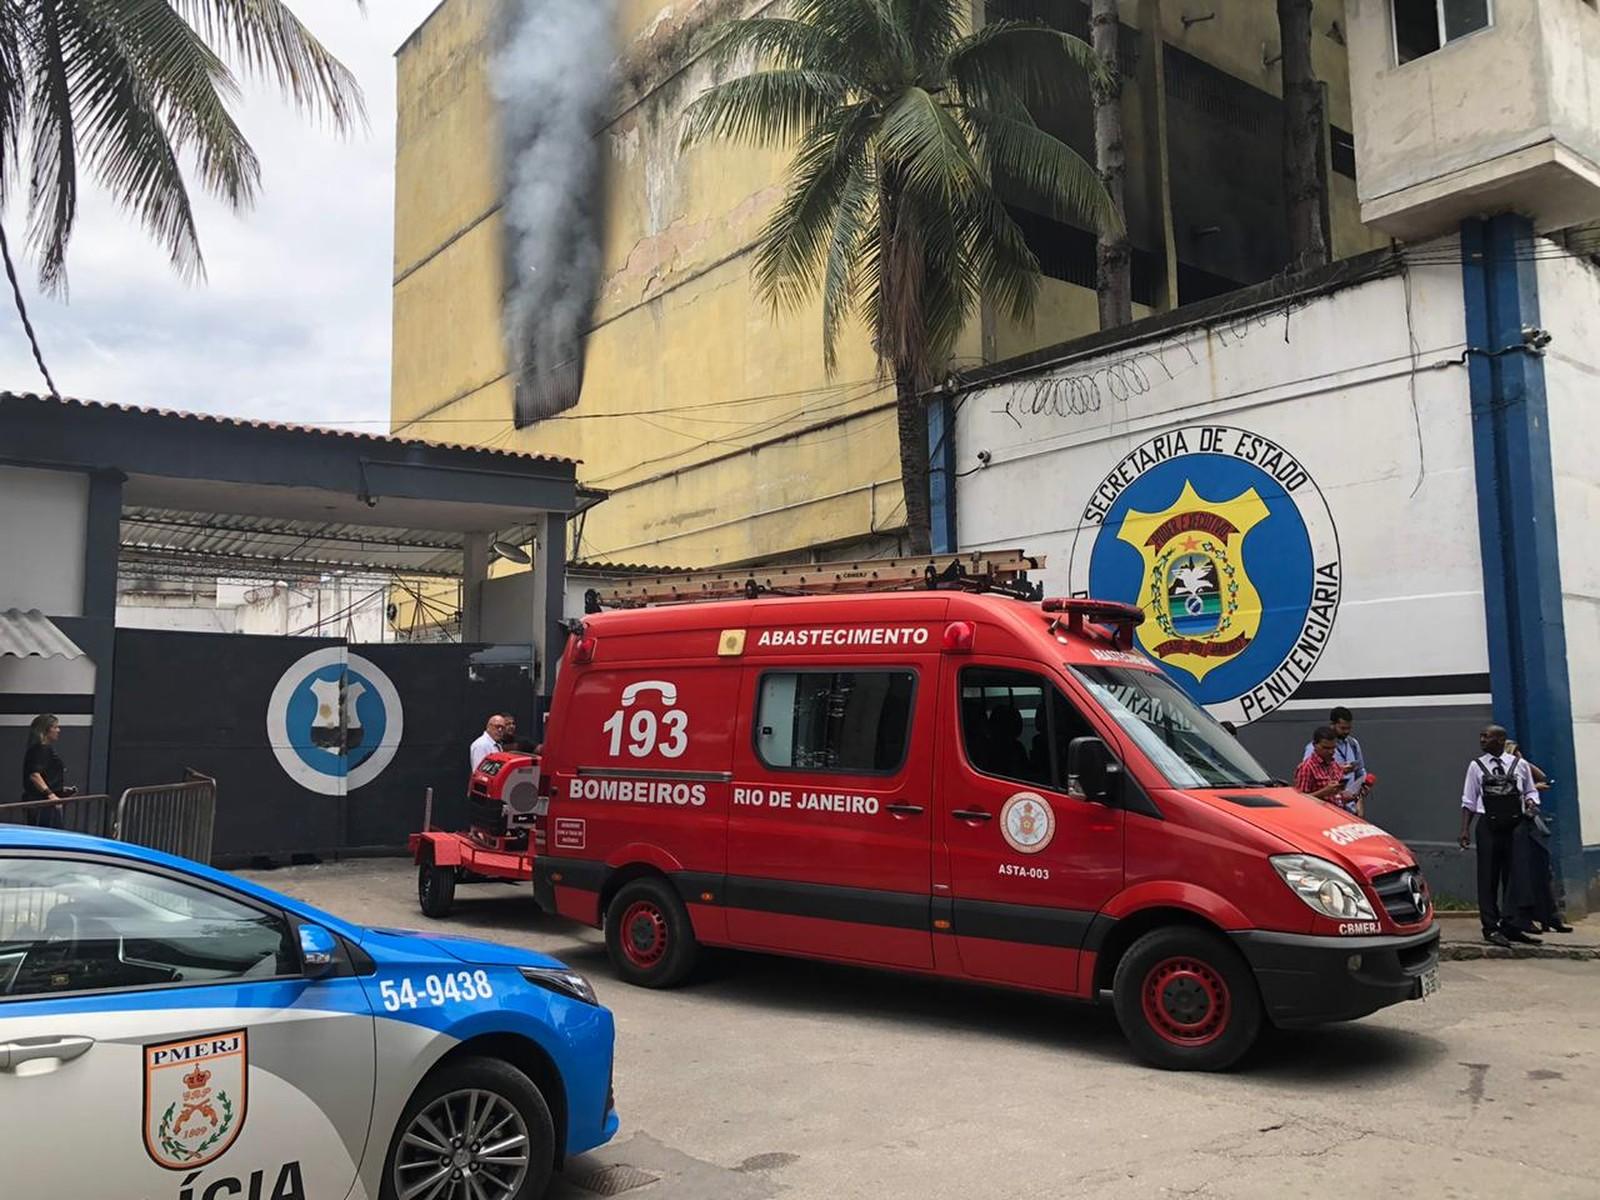 Incêndio atinge presídio em Benfica, na Zona Norte do Rio com aproximadamente 500 detentos